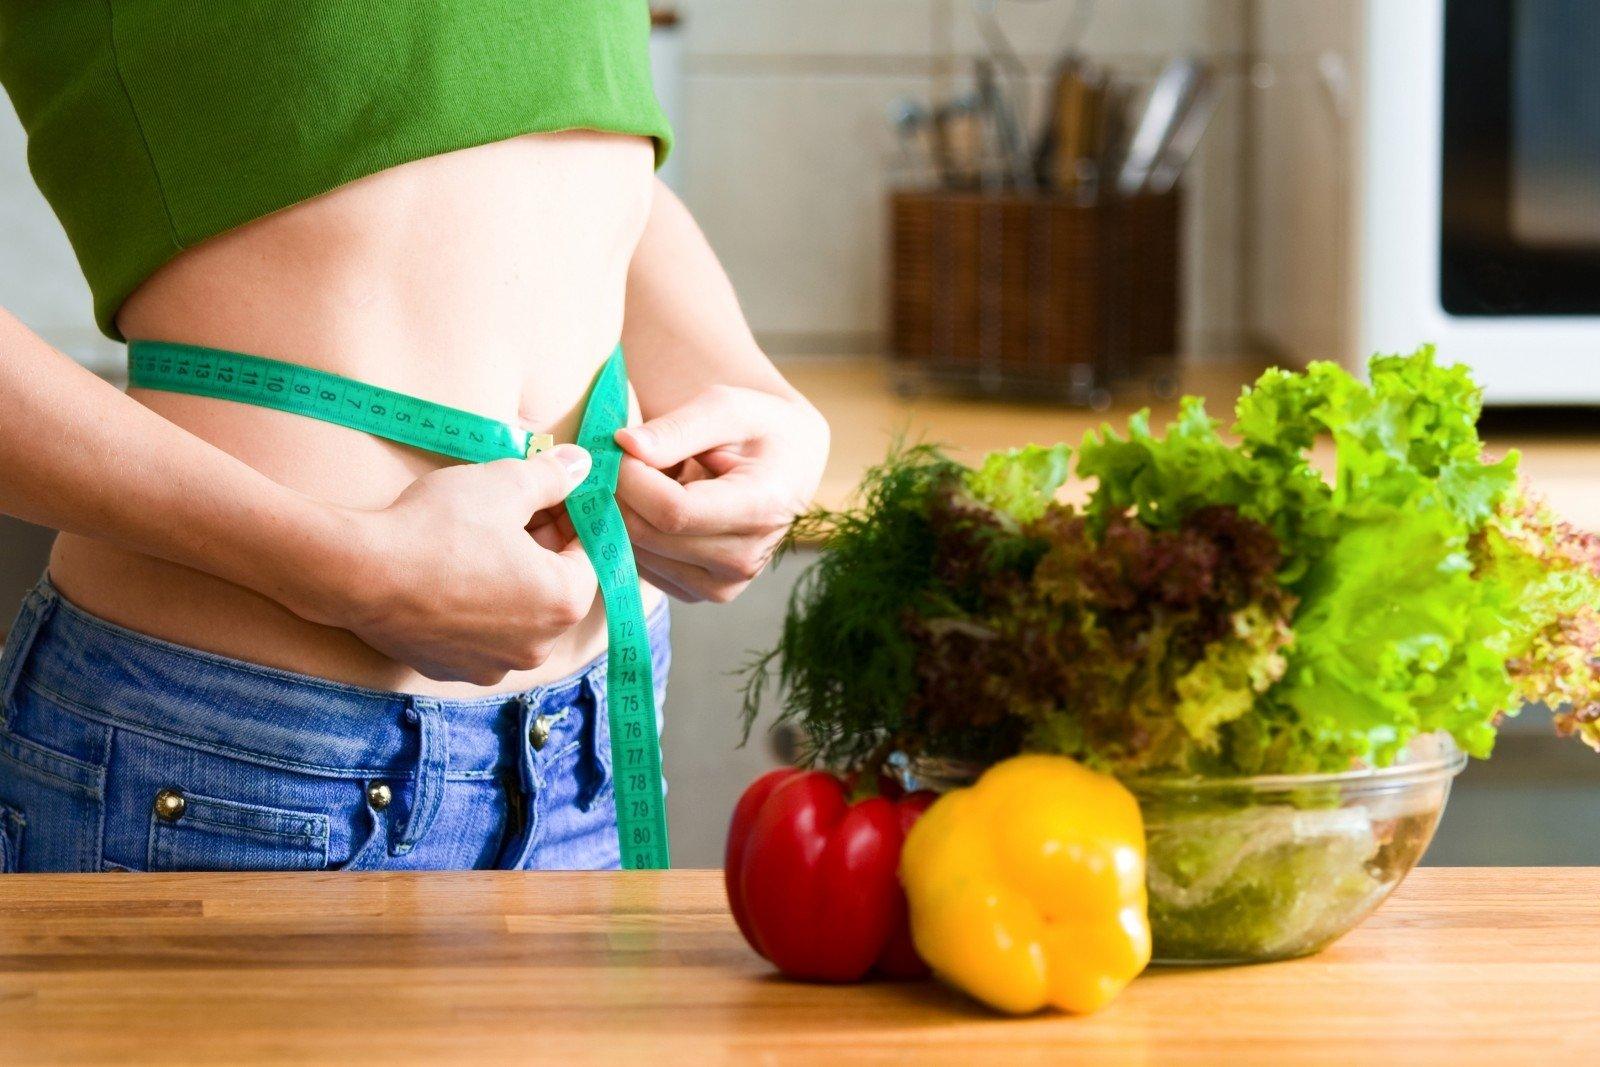 сайт на диетах ру